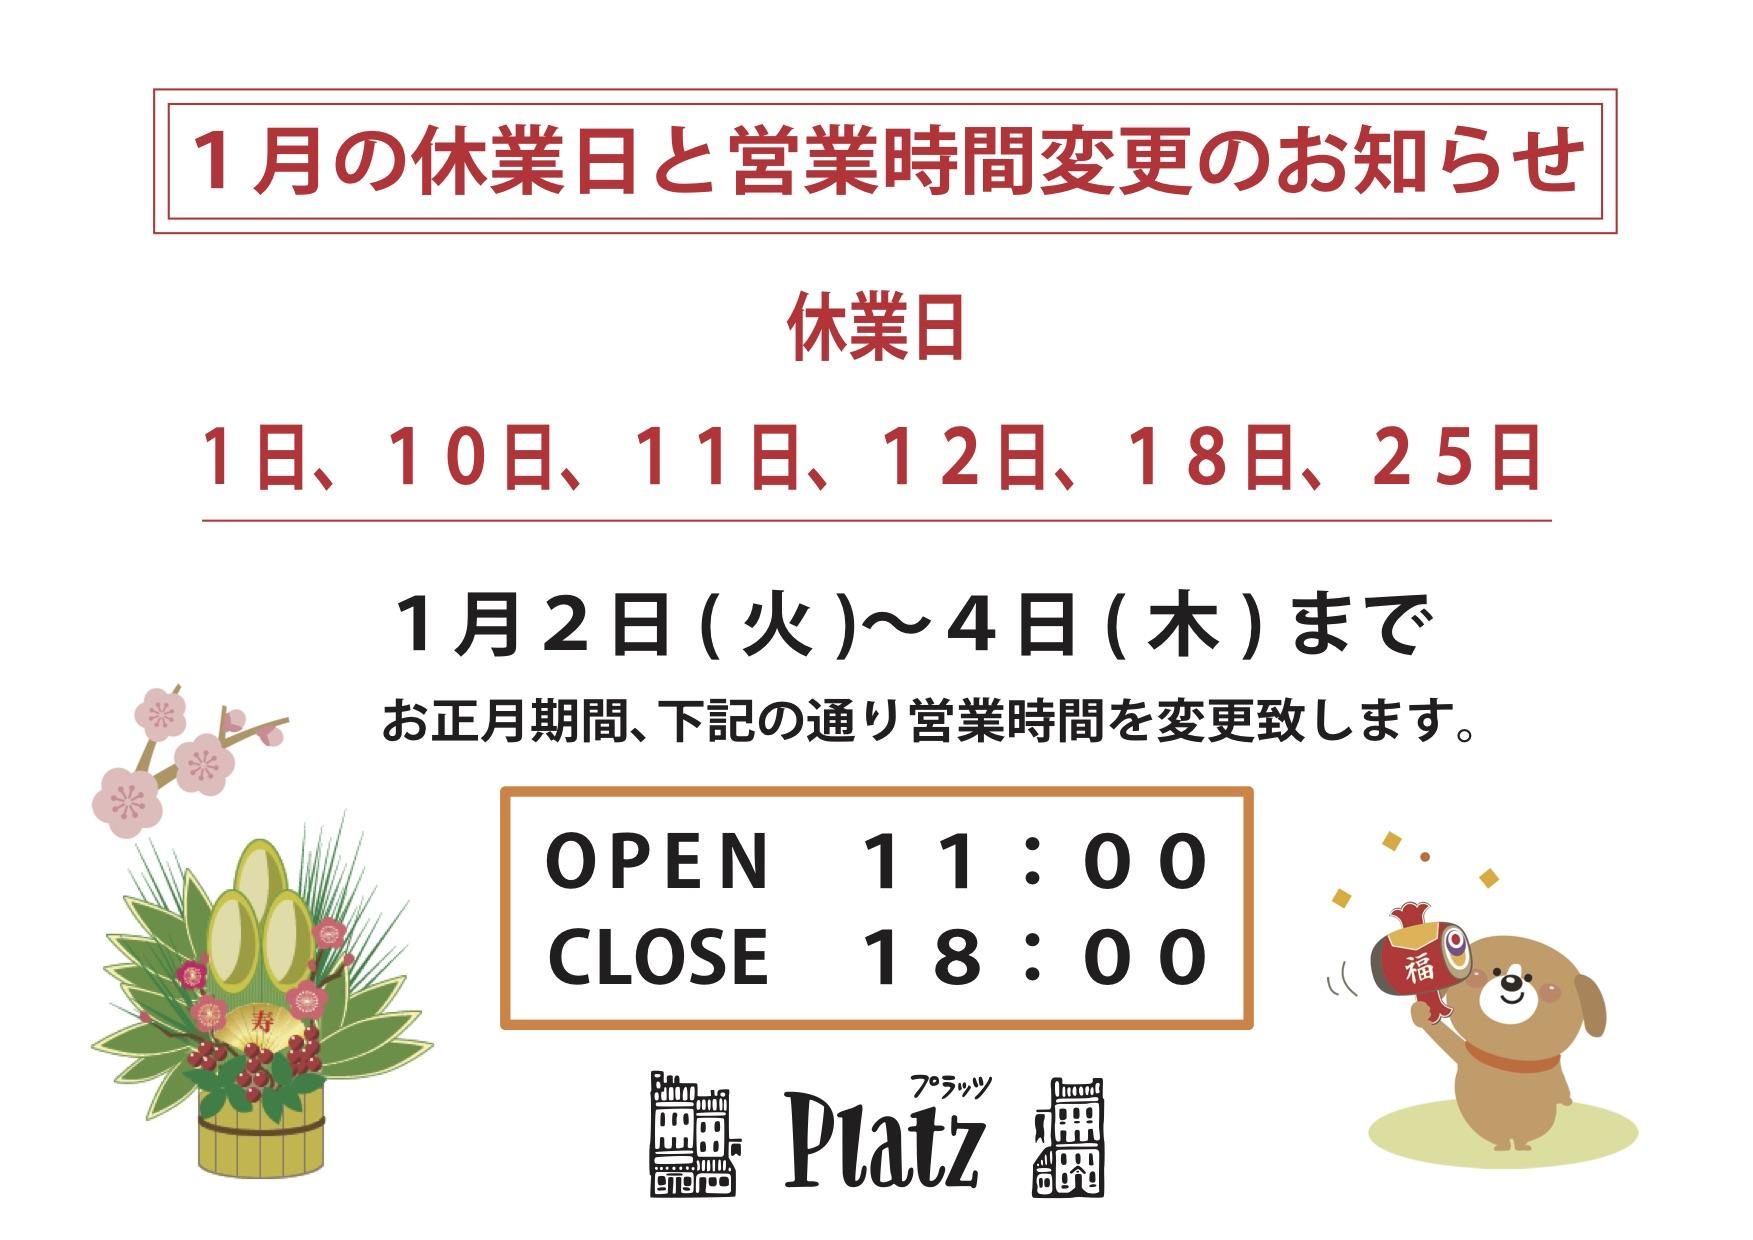 http://www.kyoto-platz.jp/news/images/2018%E3%81%8A%E6%AD%A3%E6%9C%88%E5%96%B6%E6%A5%AD%E6%99%82%E9%96%93.jpg